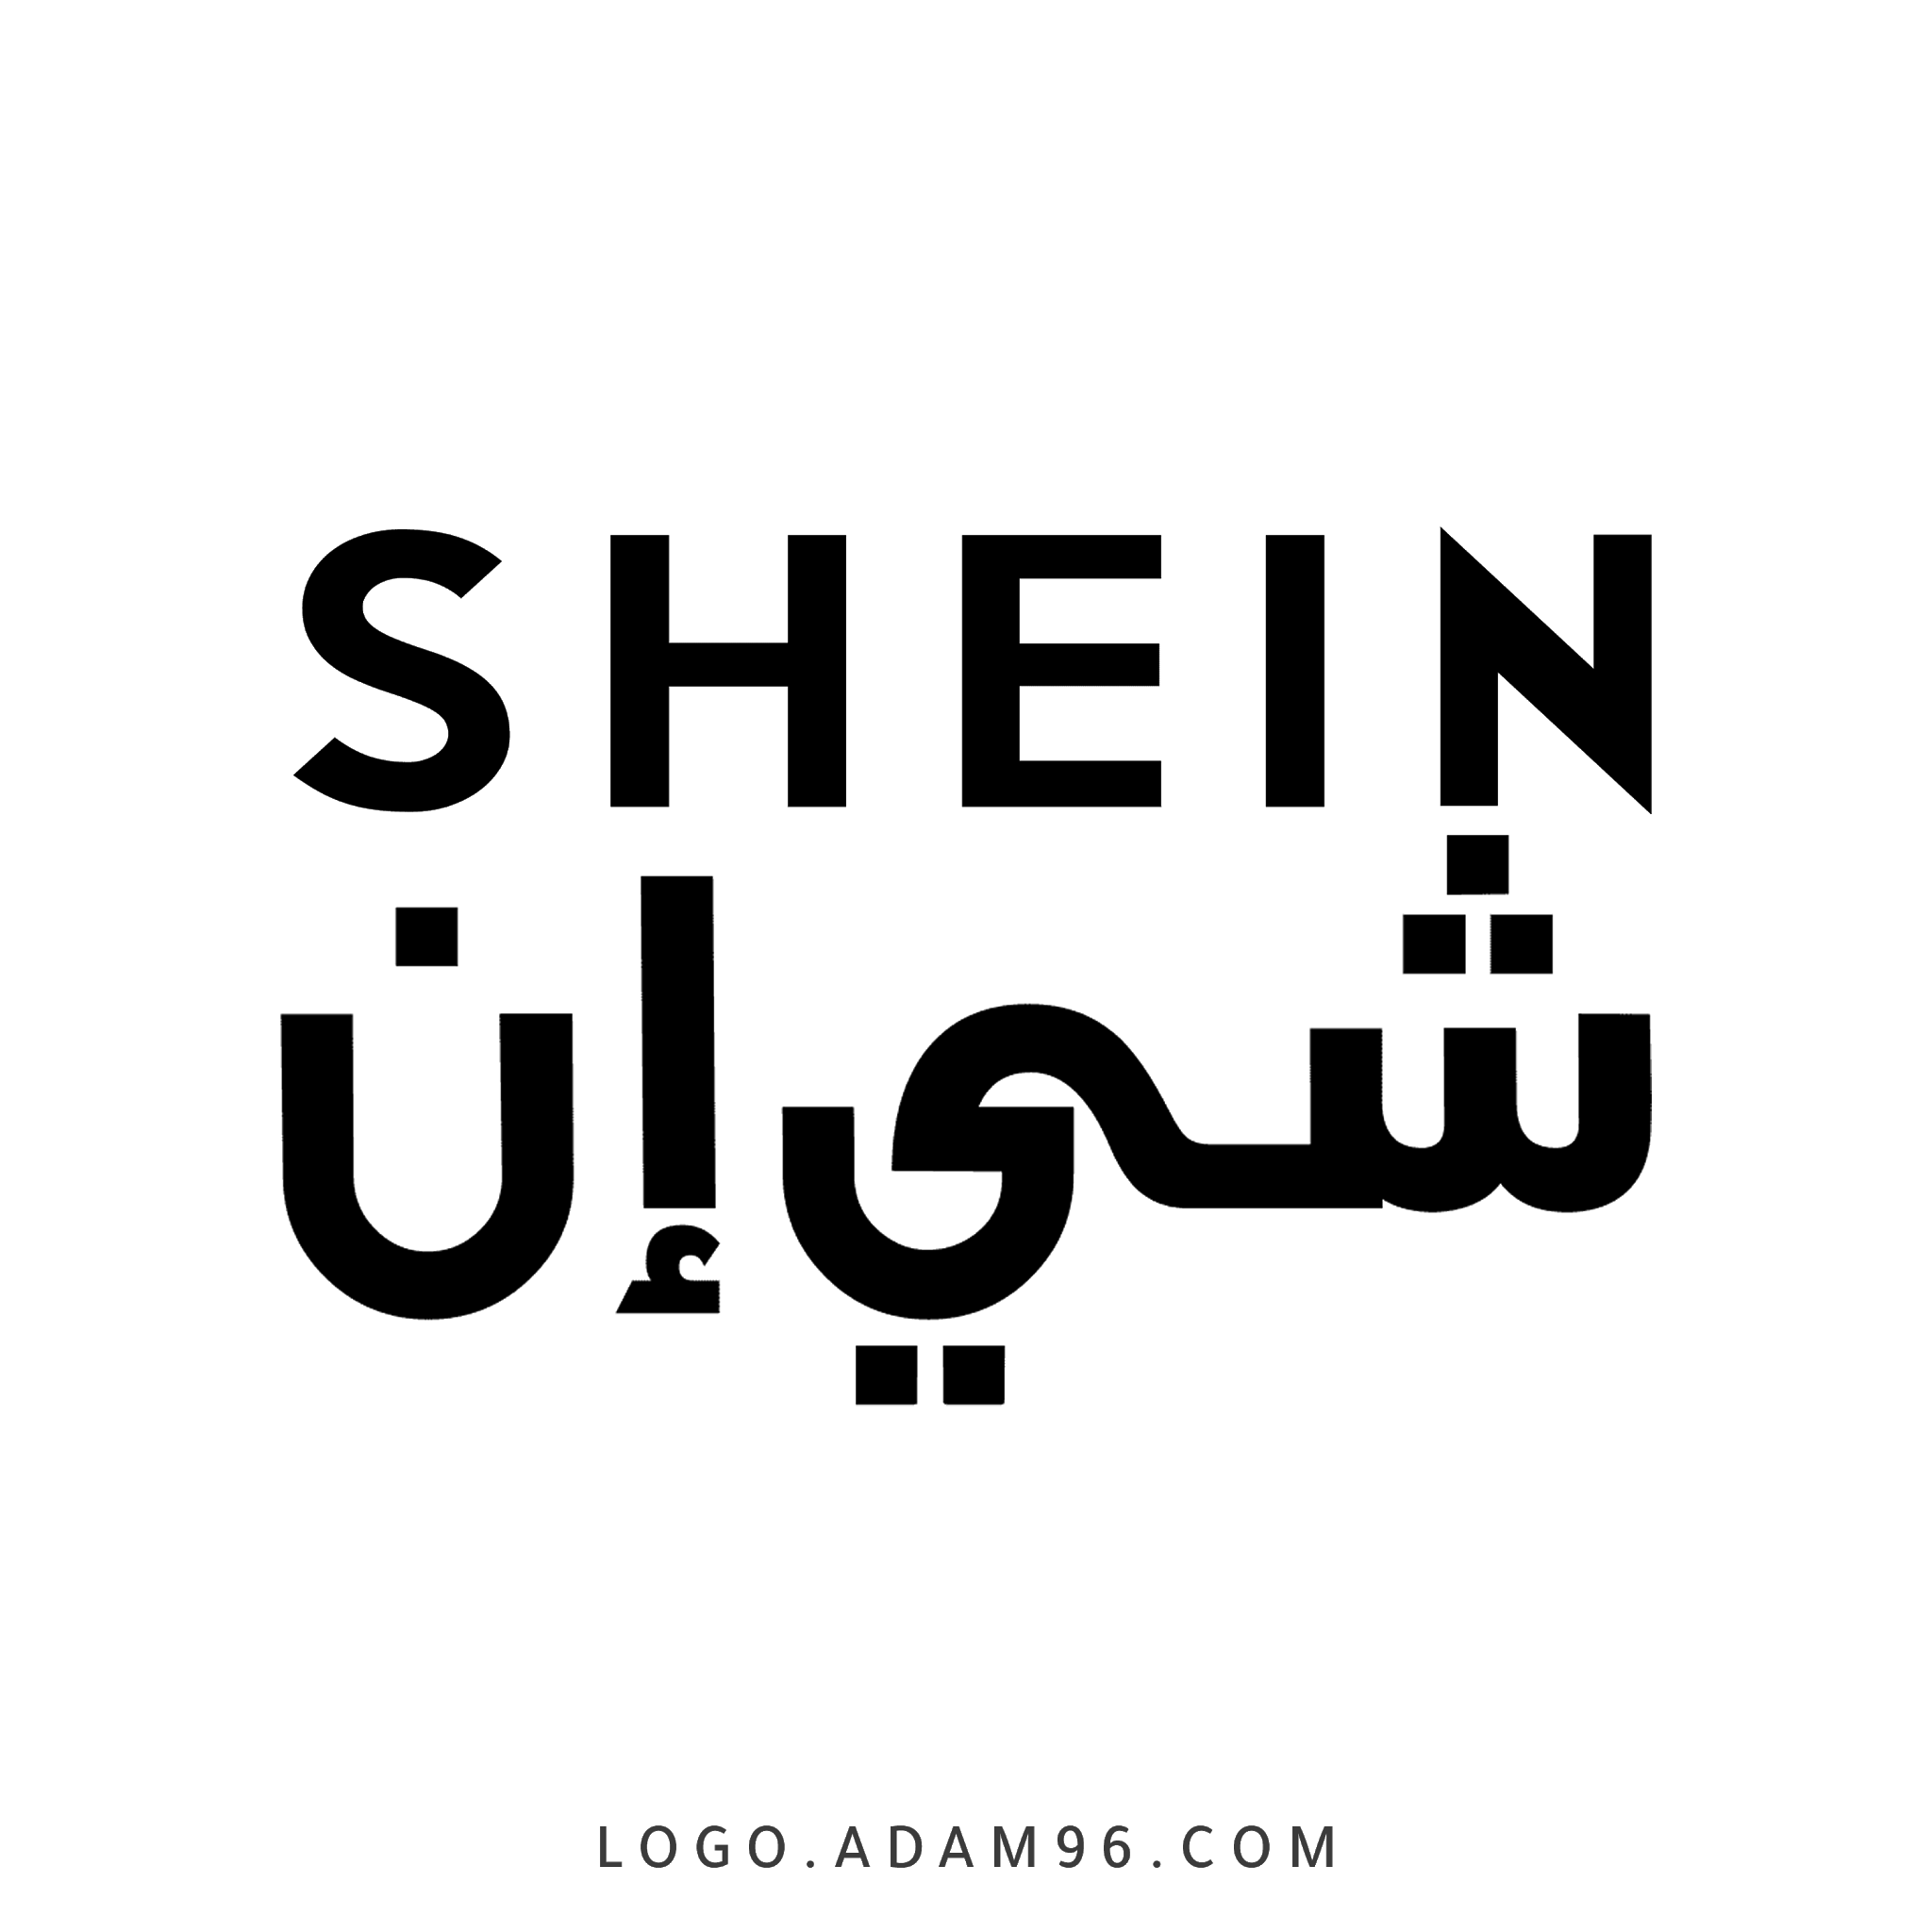 تحميل شعار موقع شي إن العالمي لوجو رسمي عالي الدقة بصيغة شفافة Logo SHEIN PNG